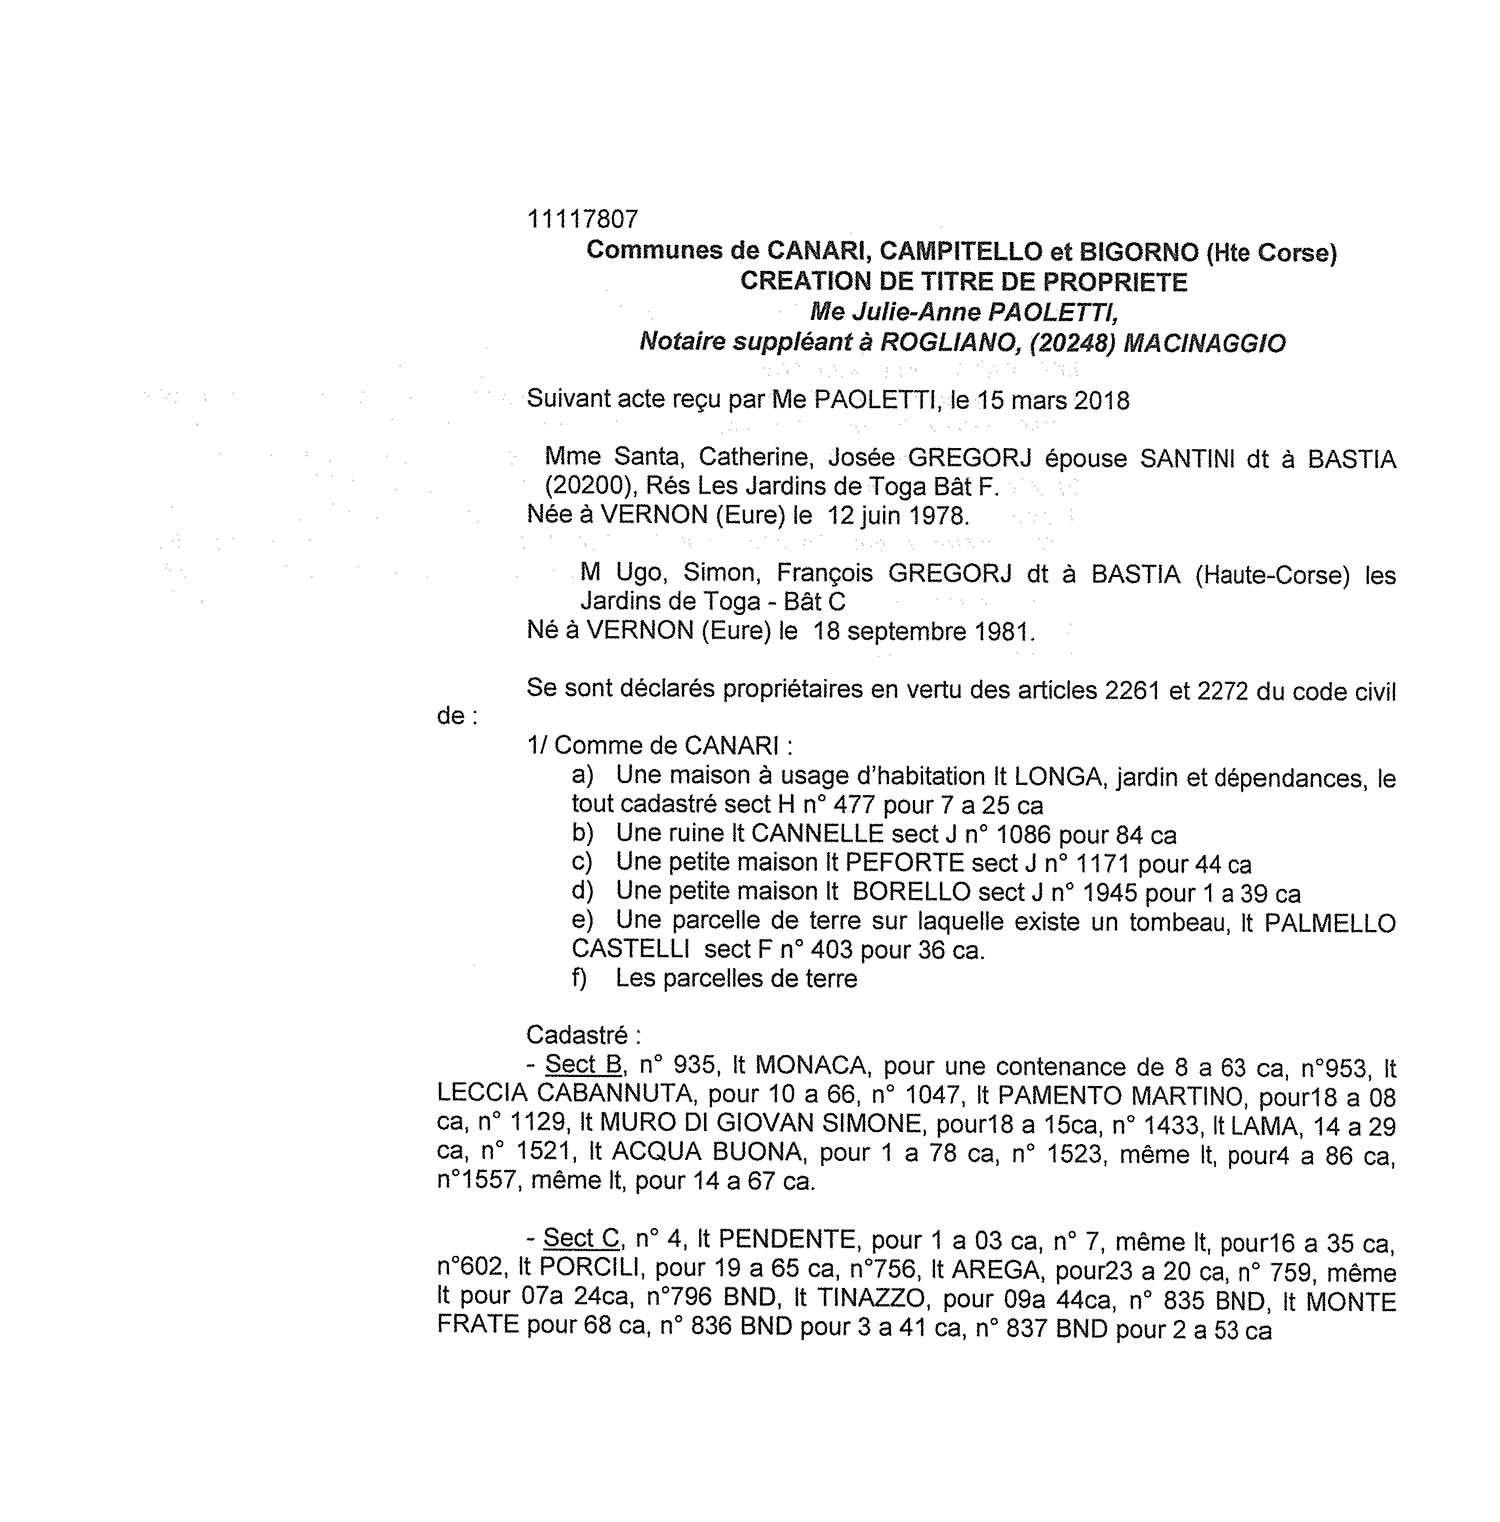 Avis de création de titre de propriété - communes de Canari, Campitello et Bigorno (Haute-Corse)